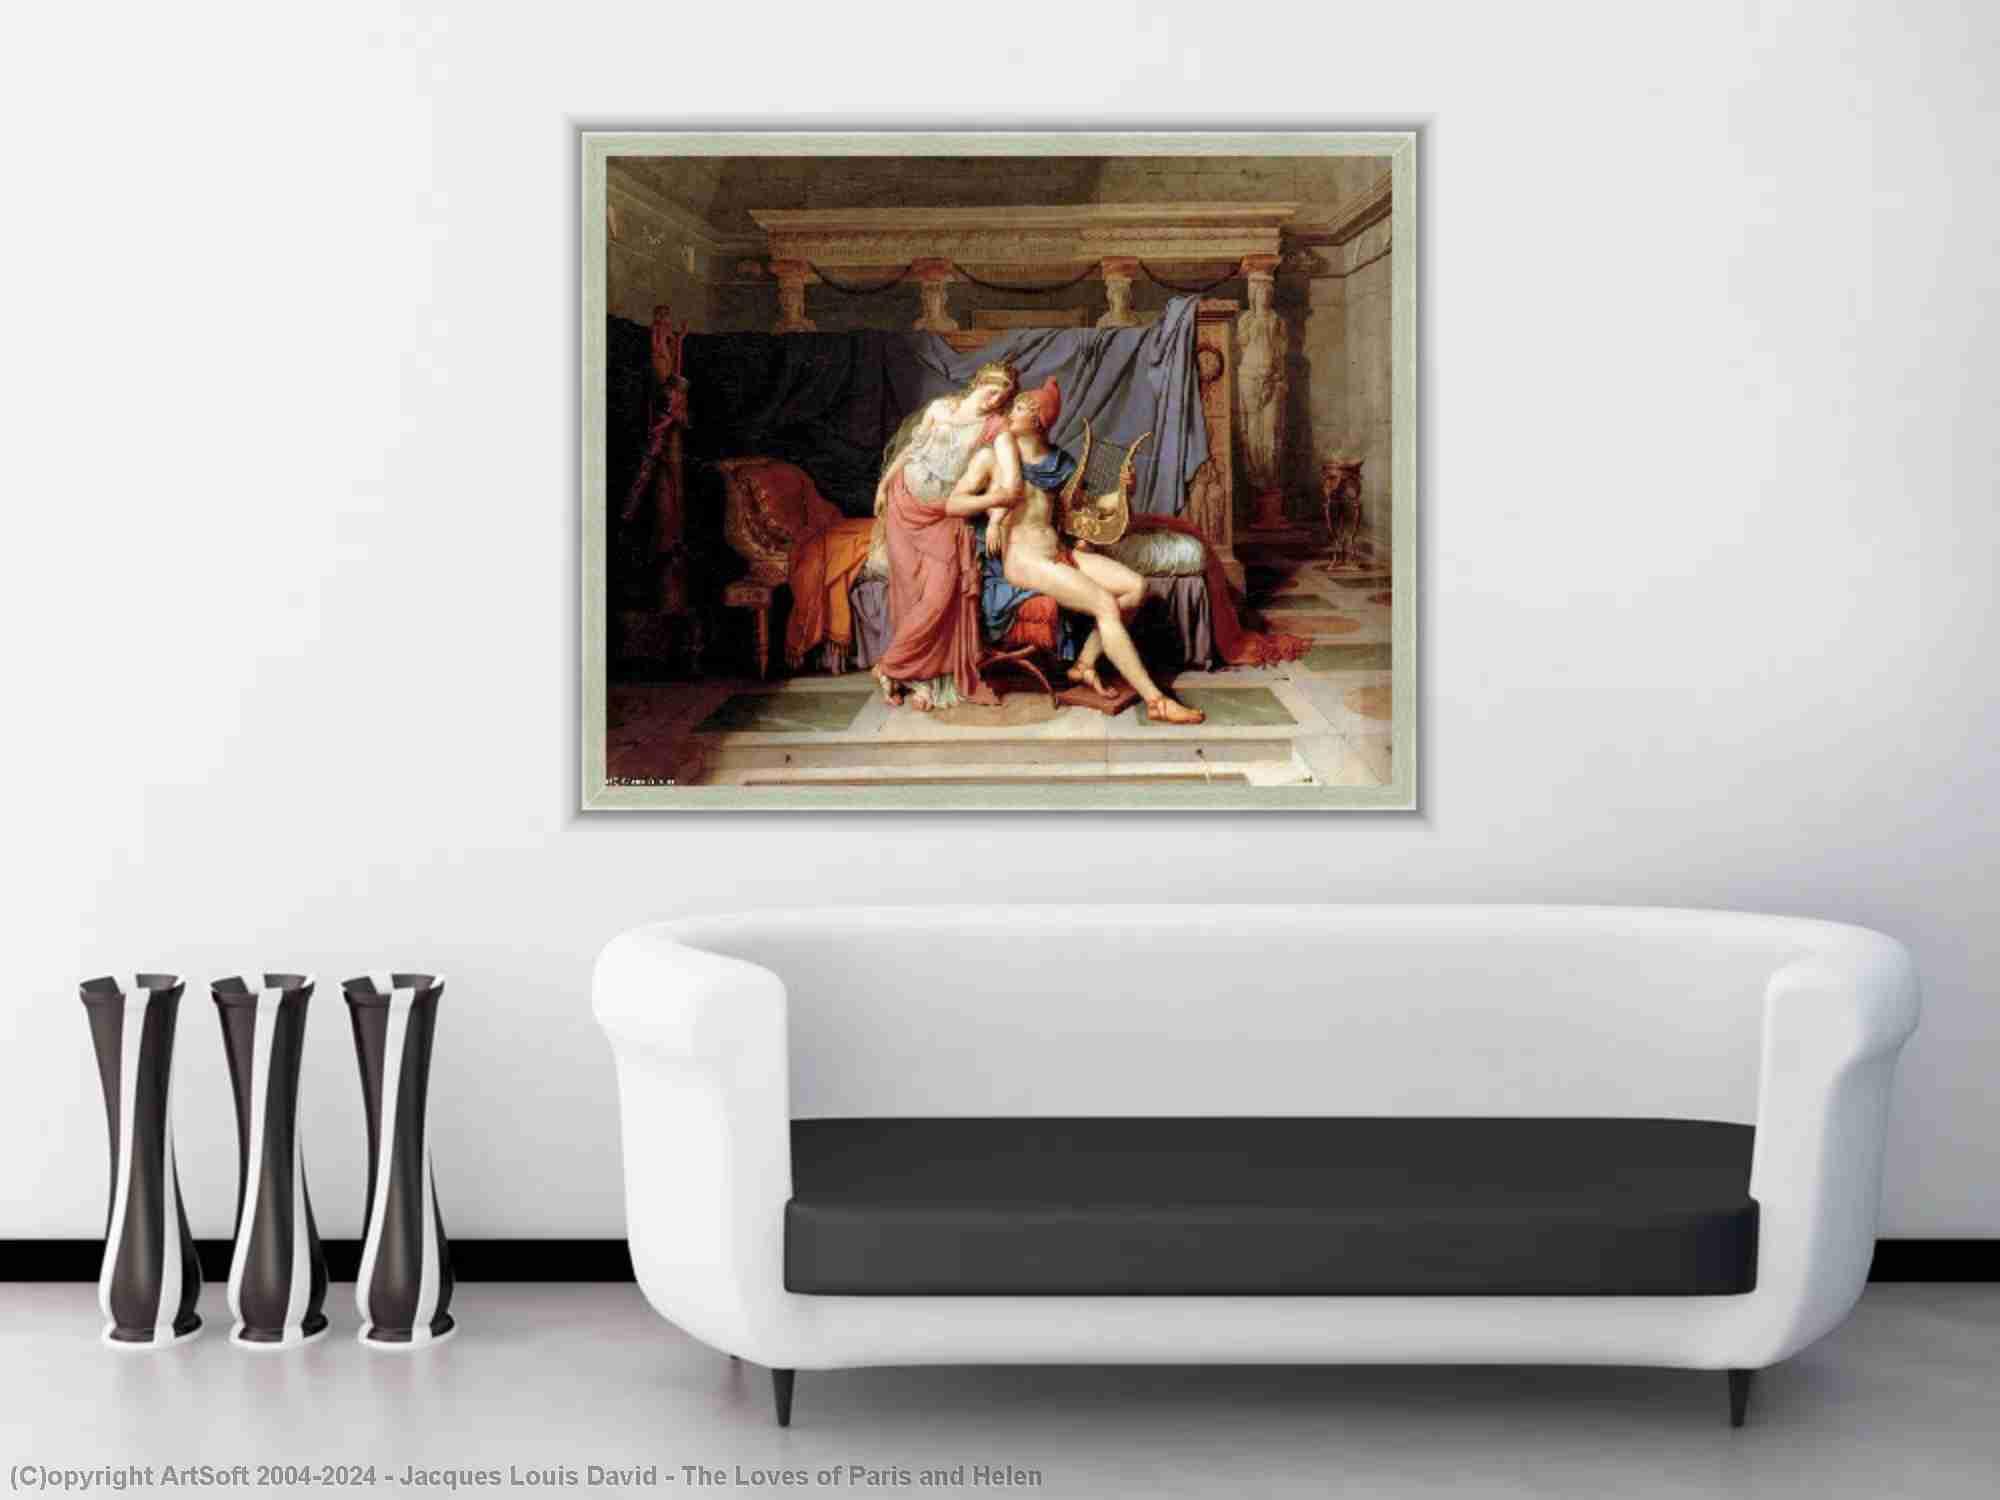 Jacques Louis David - gli amori di parigi e helen